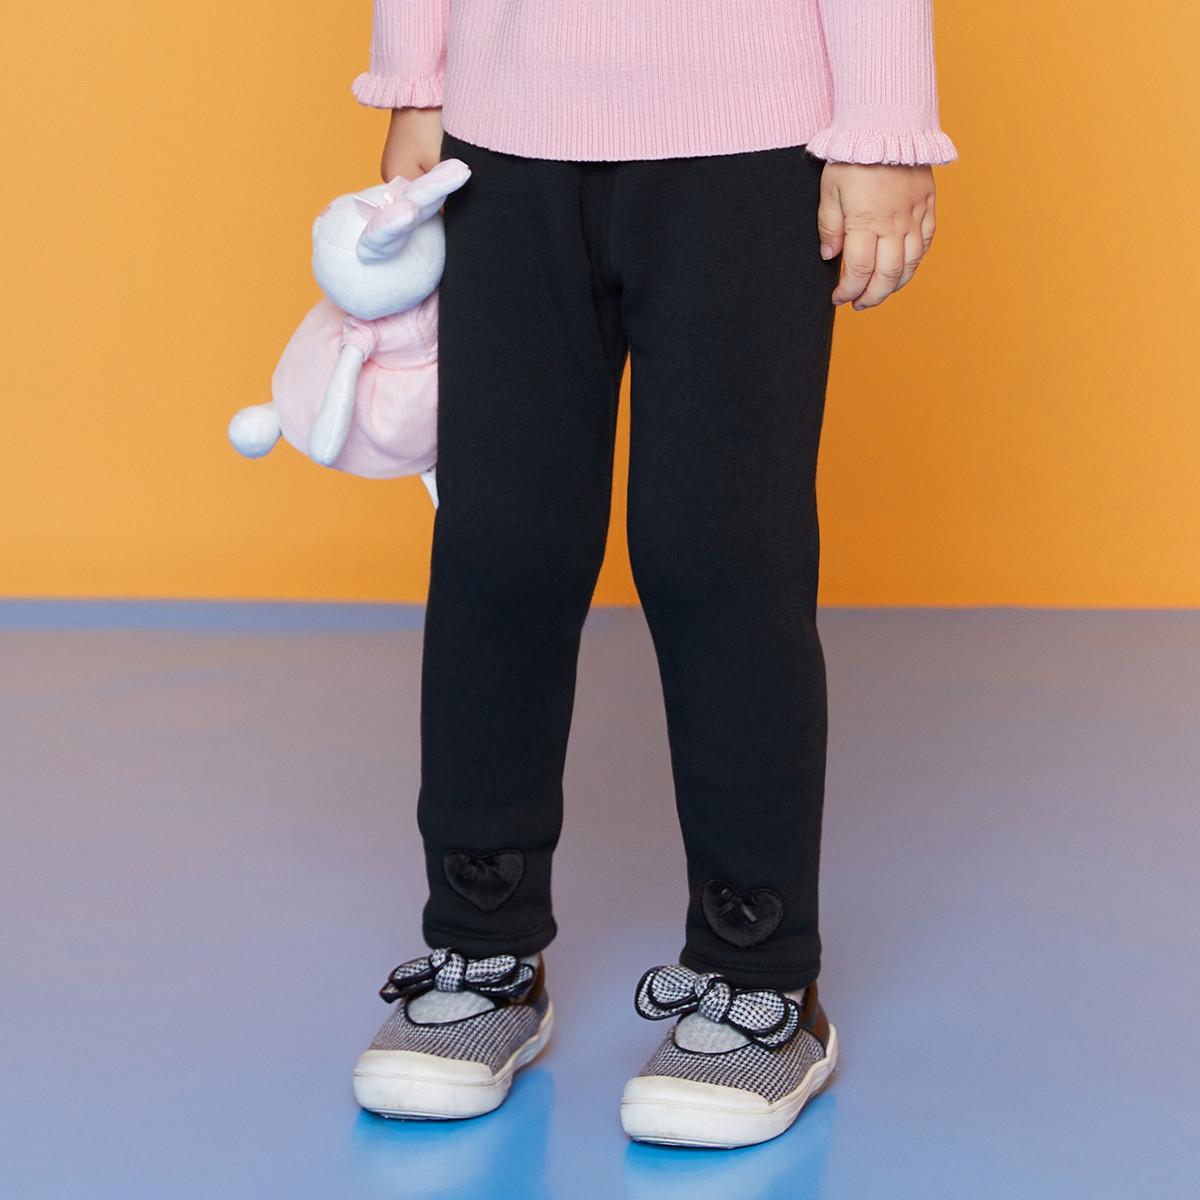 安奈儿安奈儿童装女童加绒加厚打底裤2019冬装新款儿童长裤女TG946429K003